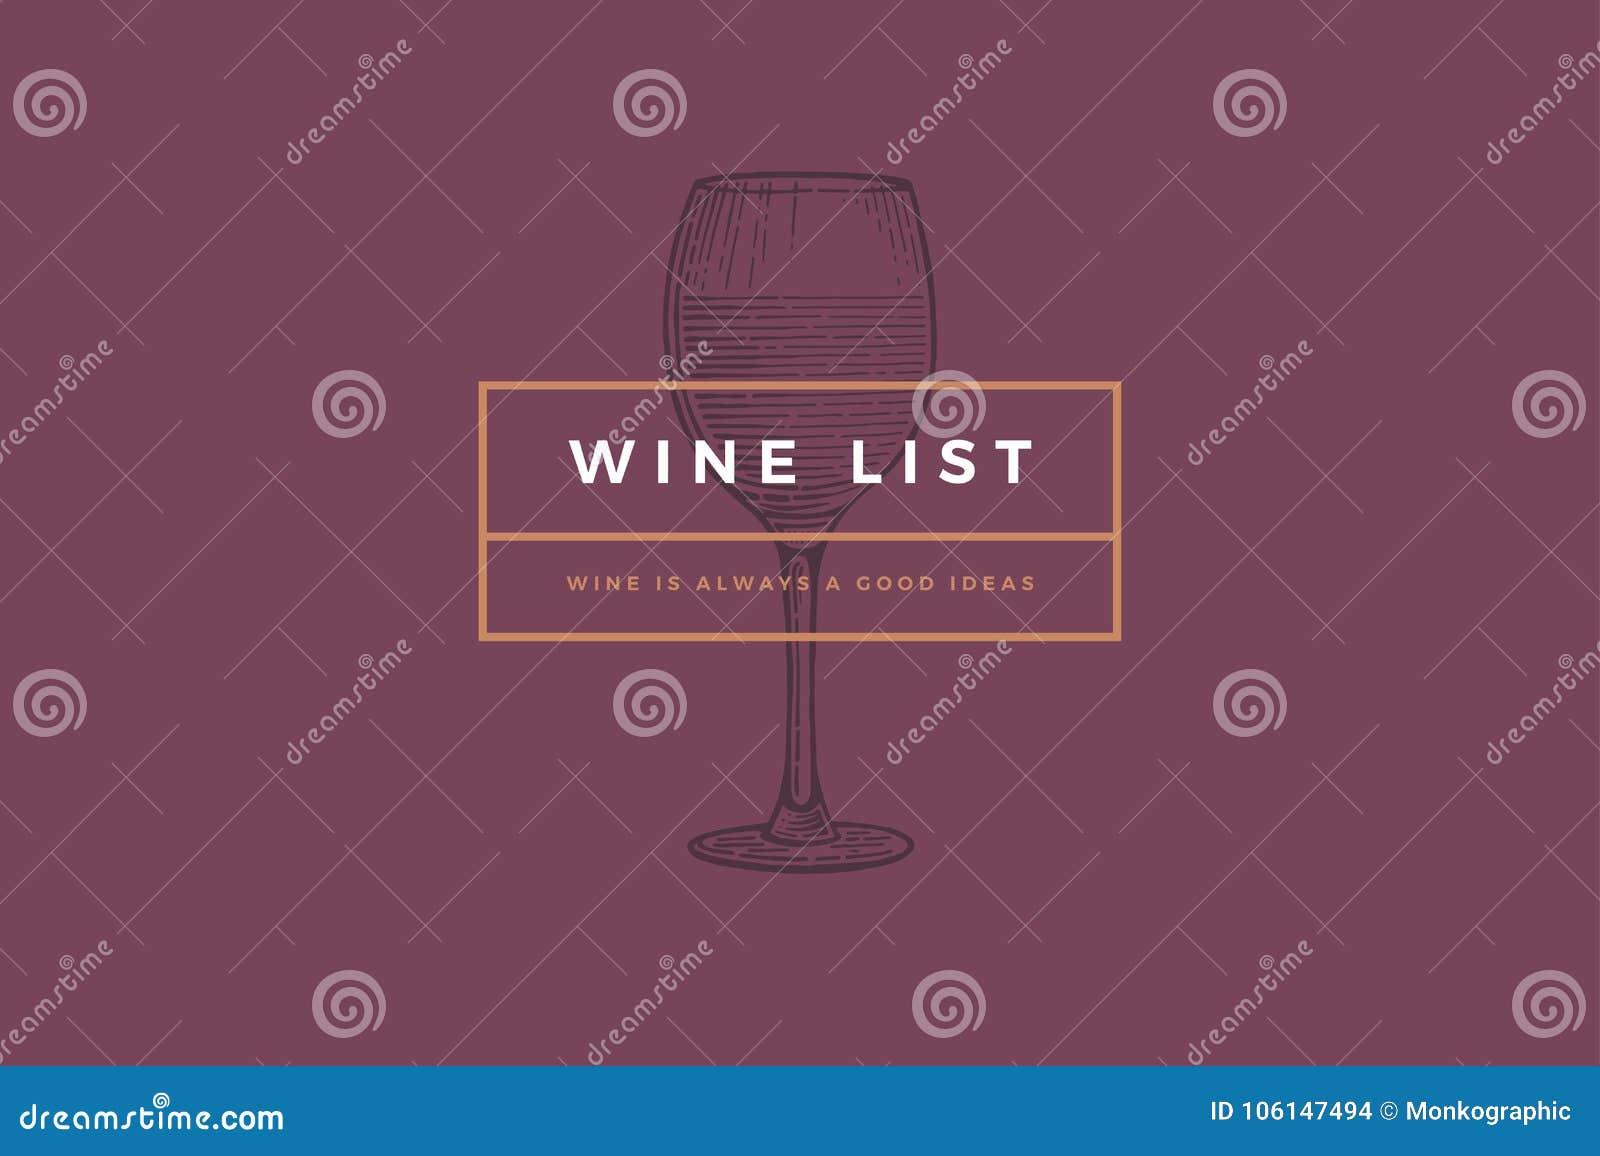 Logo template for design wine card, leaflet, menu, restaurant or bar.